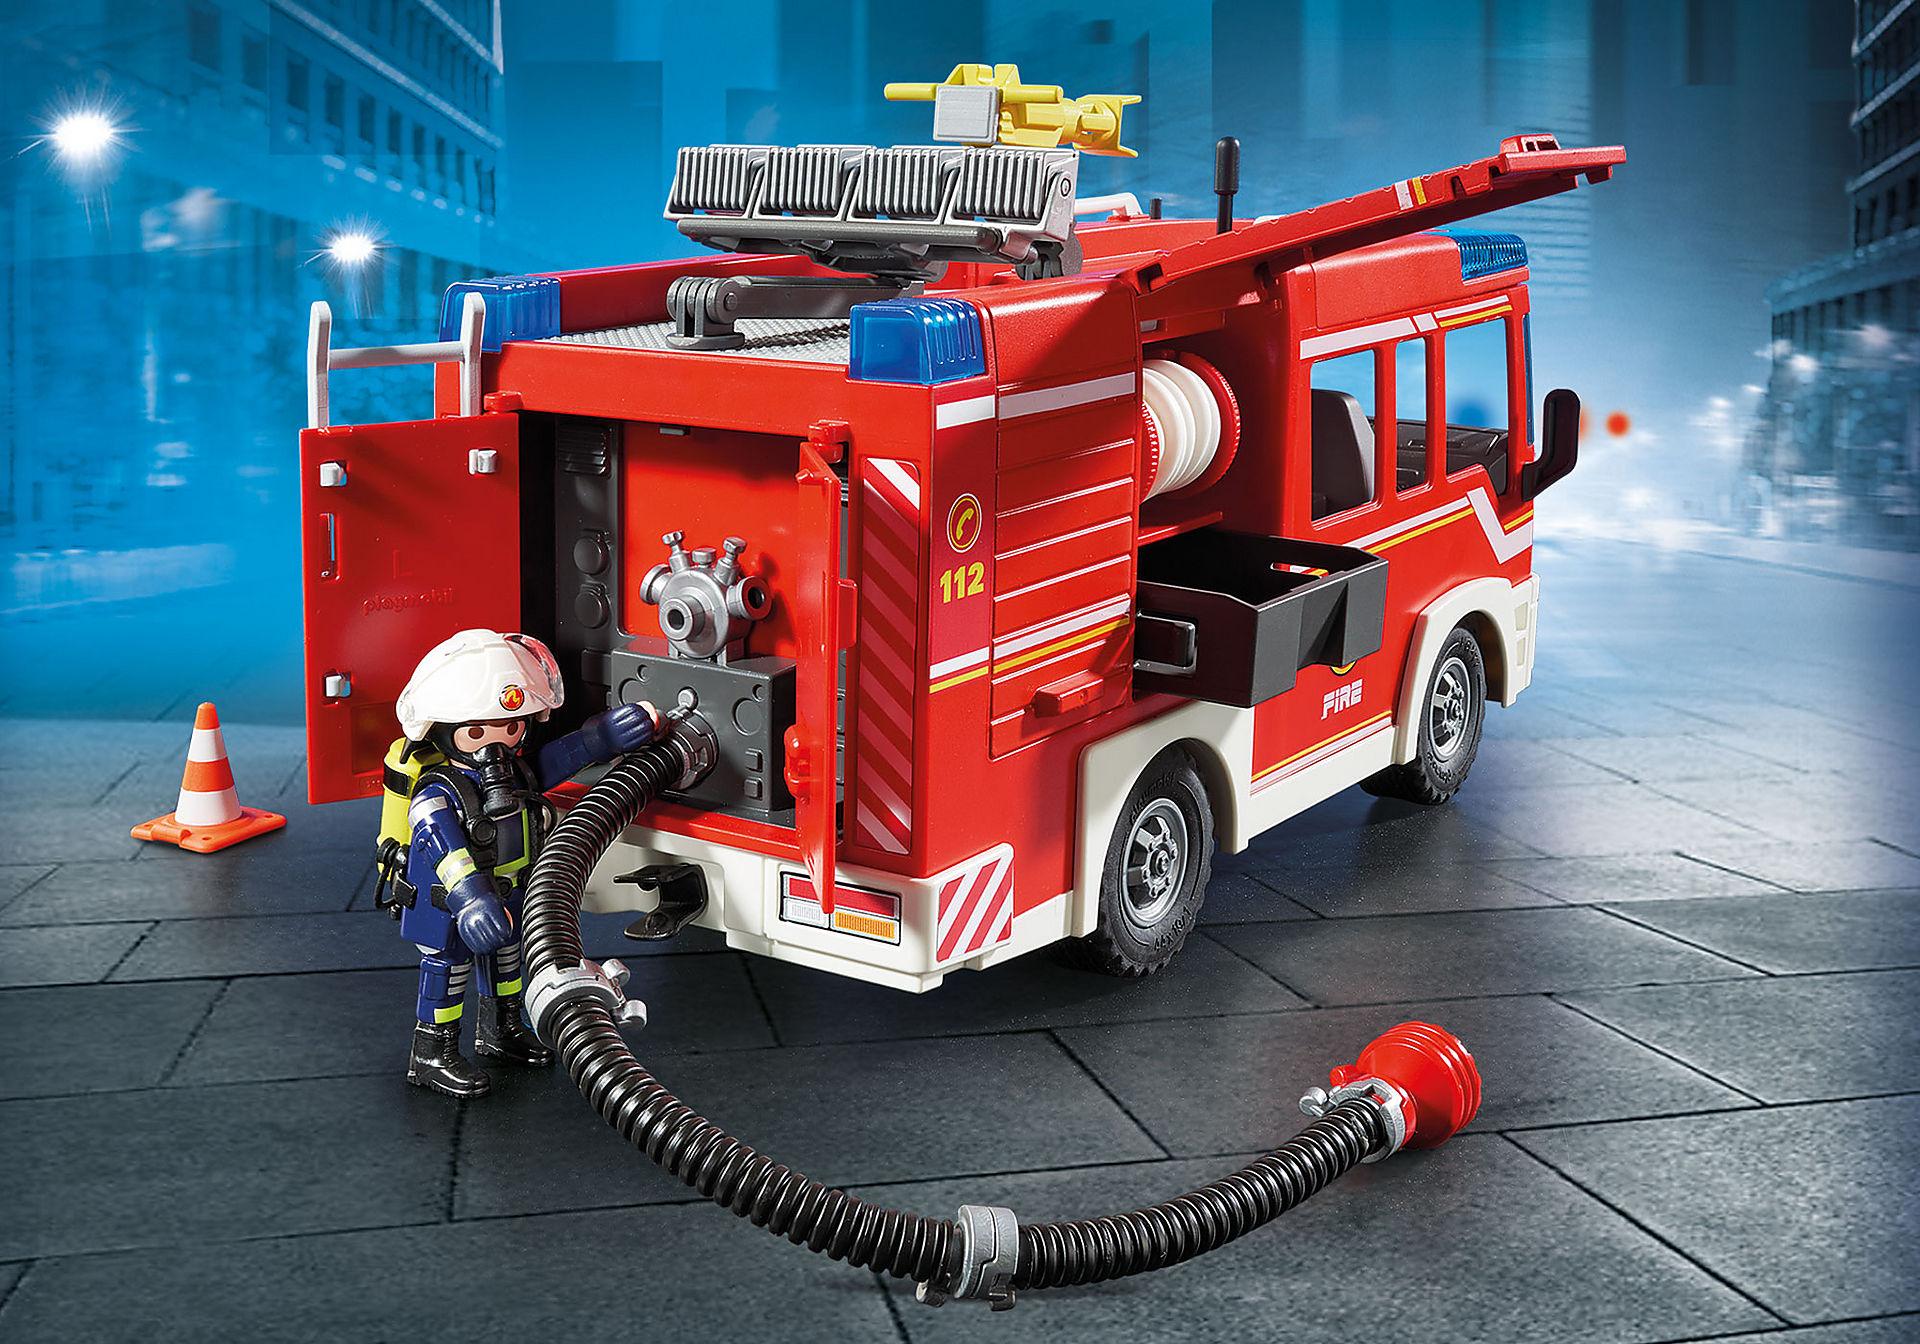 9464 Πυροσβεστικό όχημα zoom image7